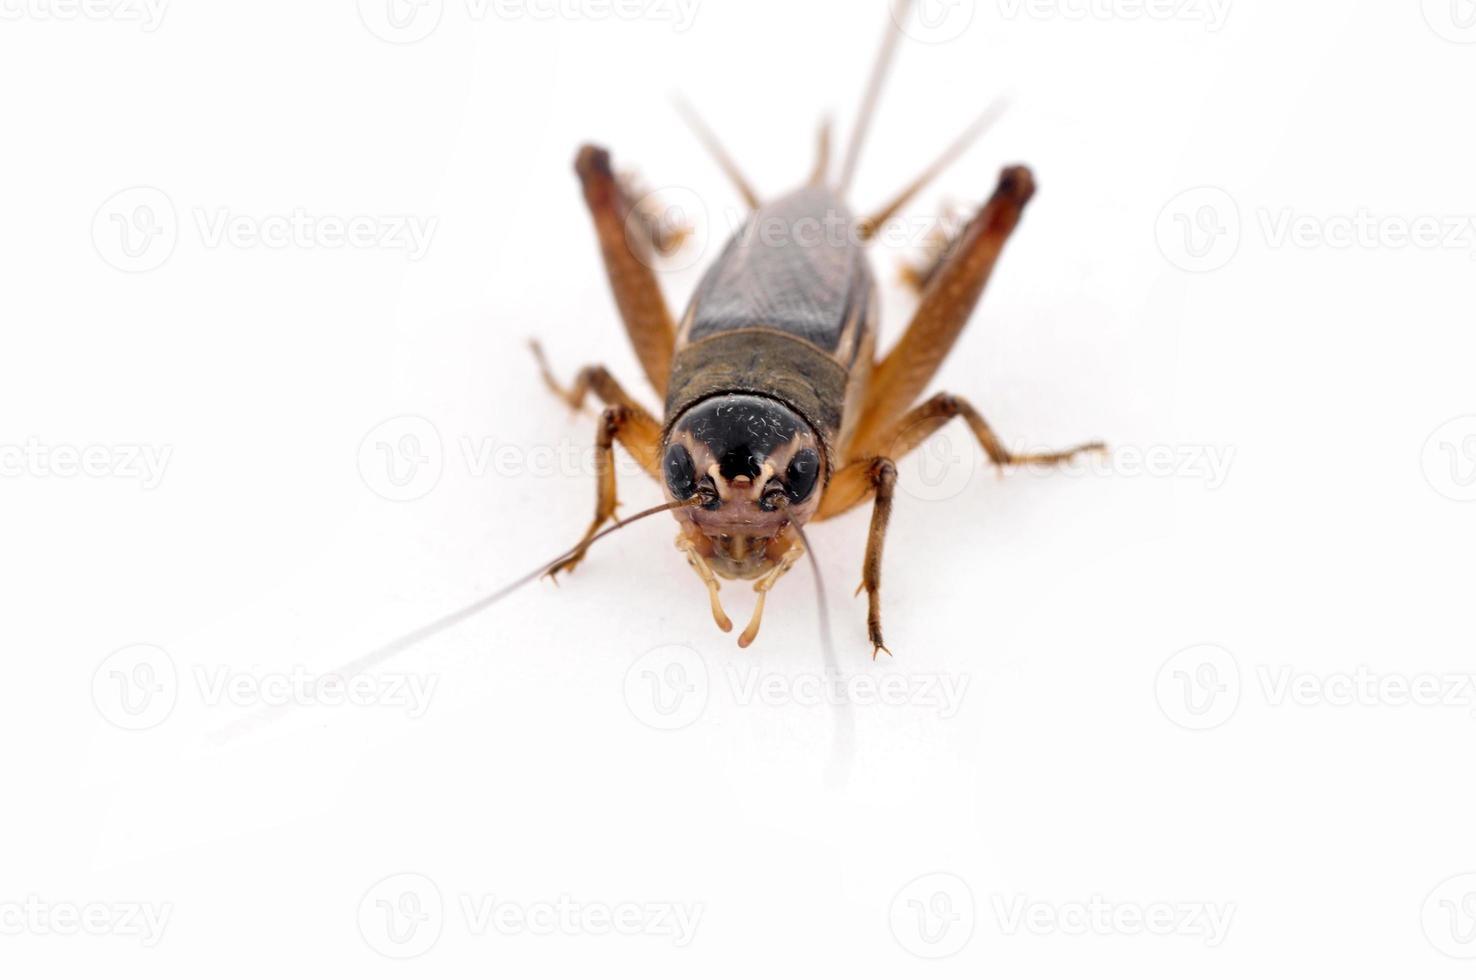 cricket op een witte achtergrond foto